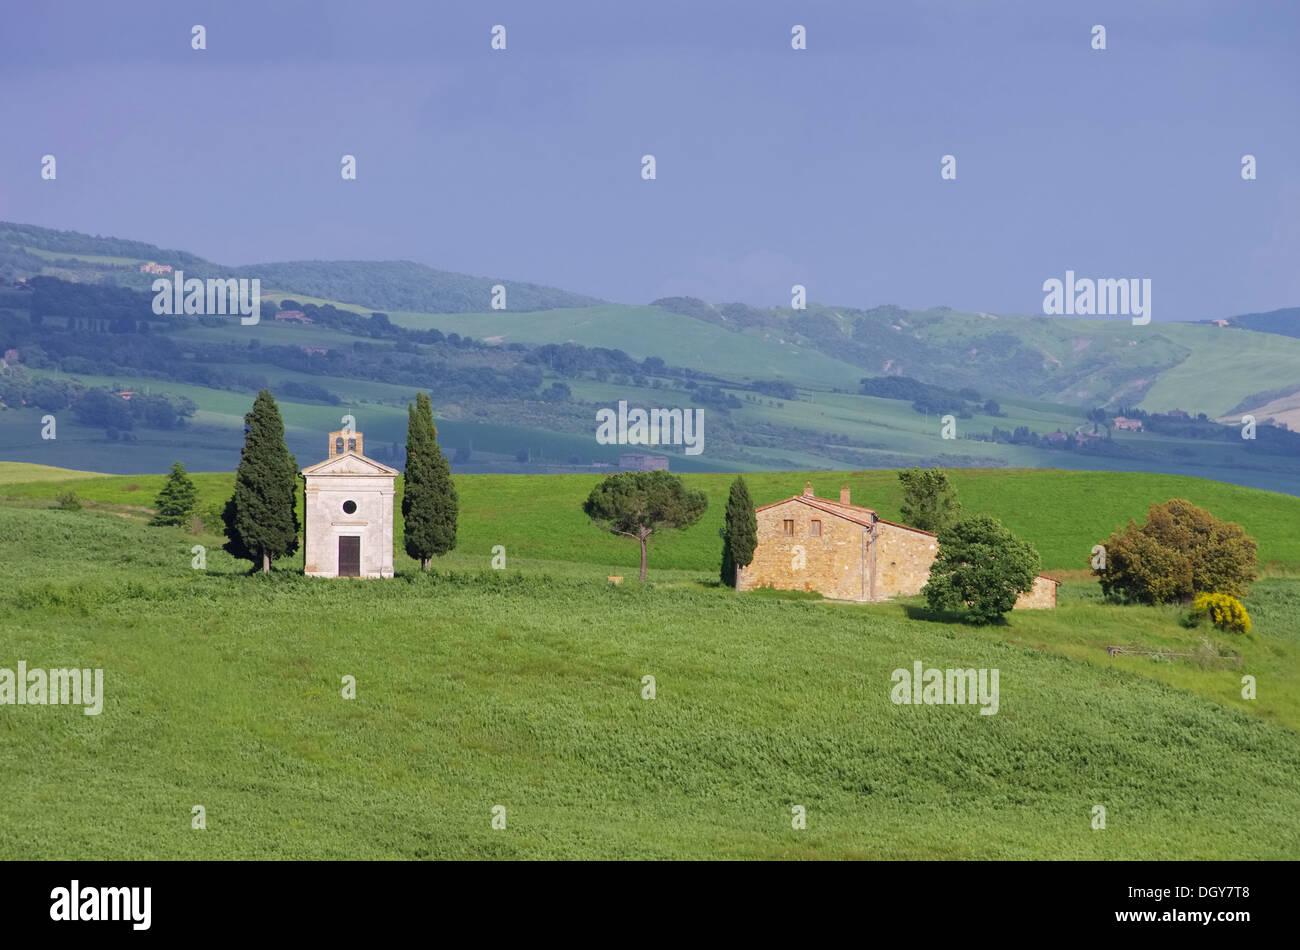 Toskana Kapelle - Tuscany chapel 13 - Stock Image